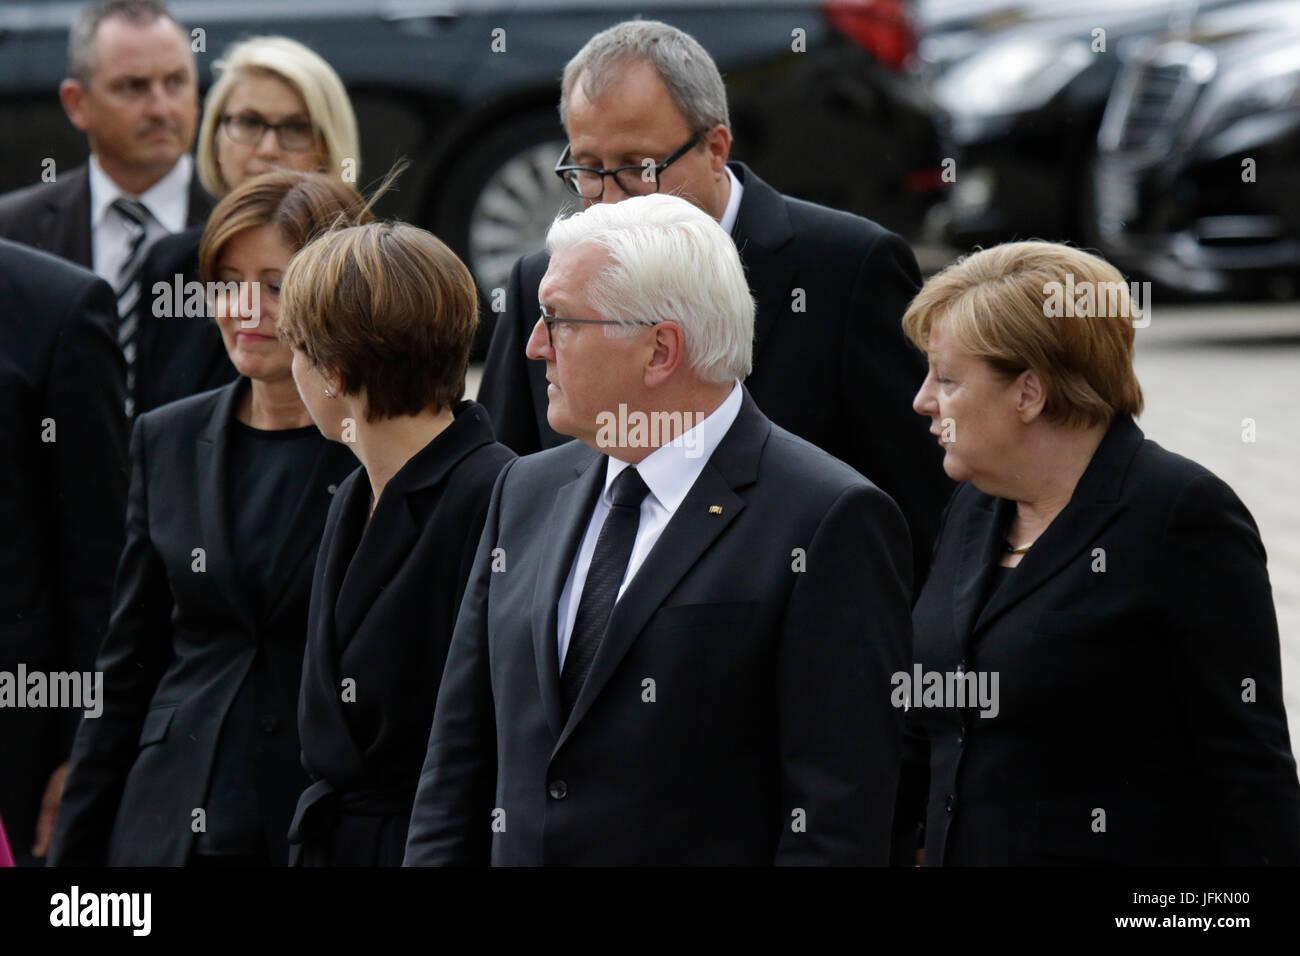 Frank-Walter Steinmeier (centre), the President of Germany, his wife Elke Budenbender (left), Andreas Vosskuhle - Stock Image